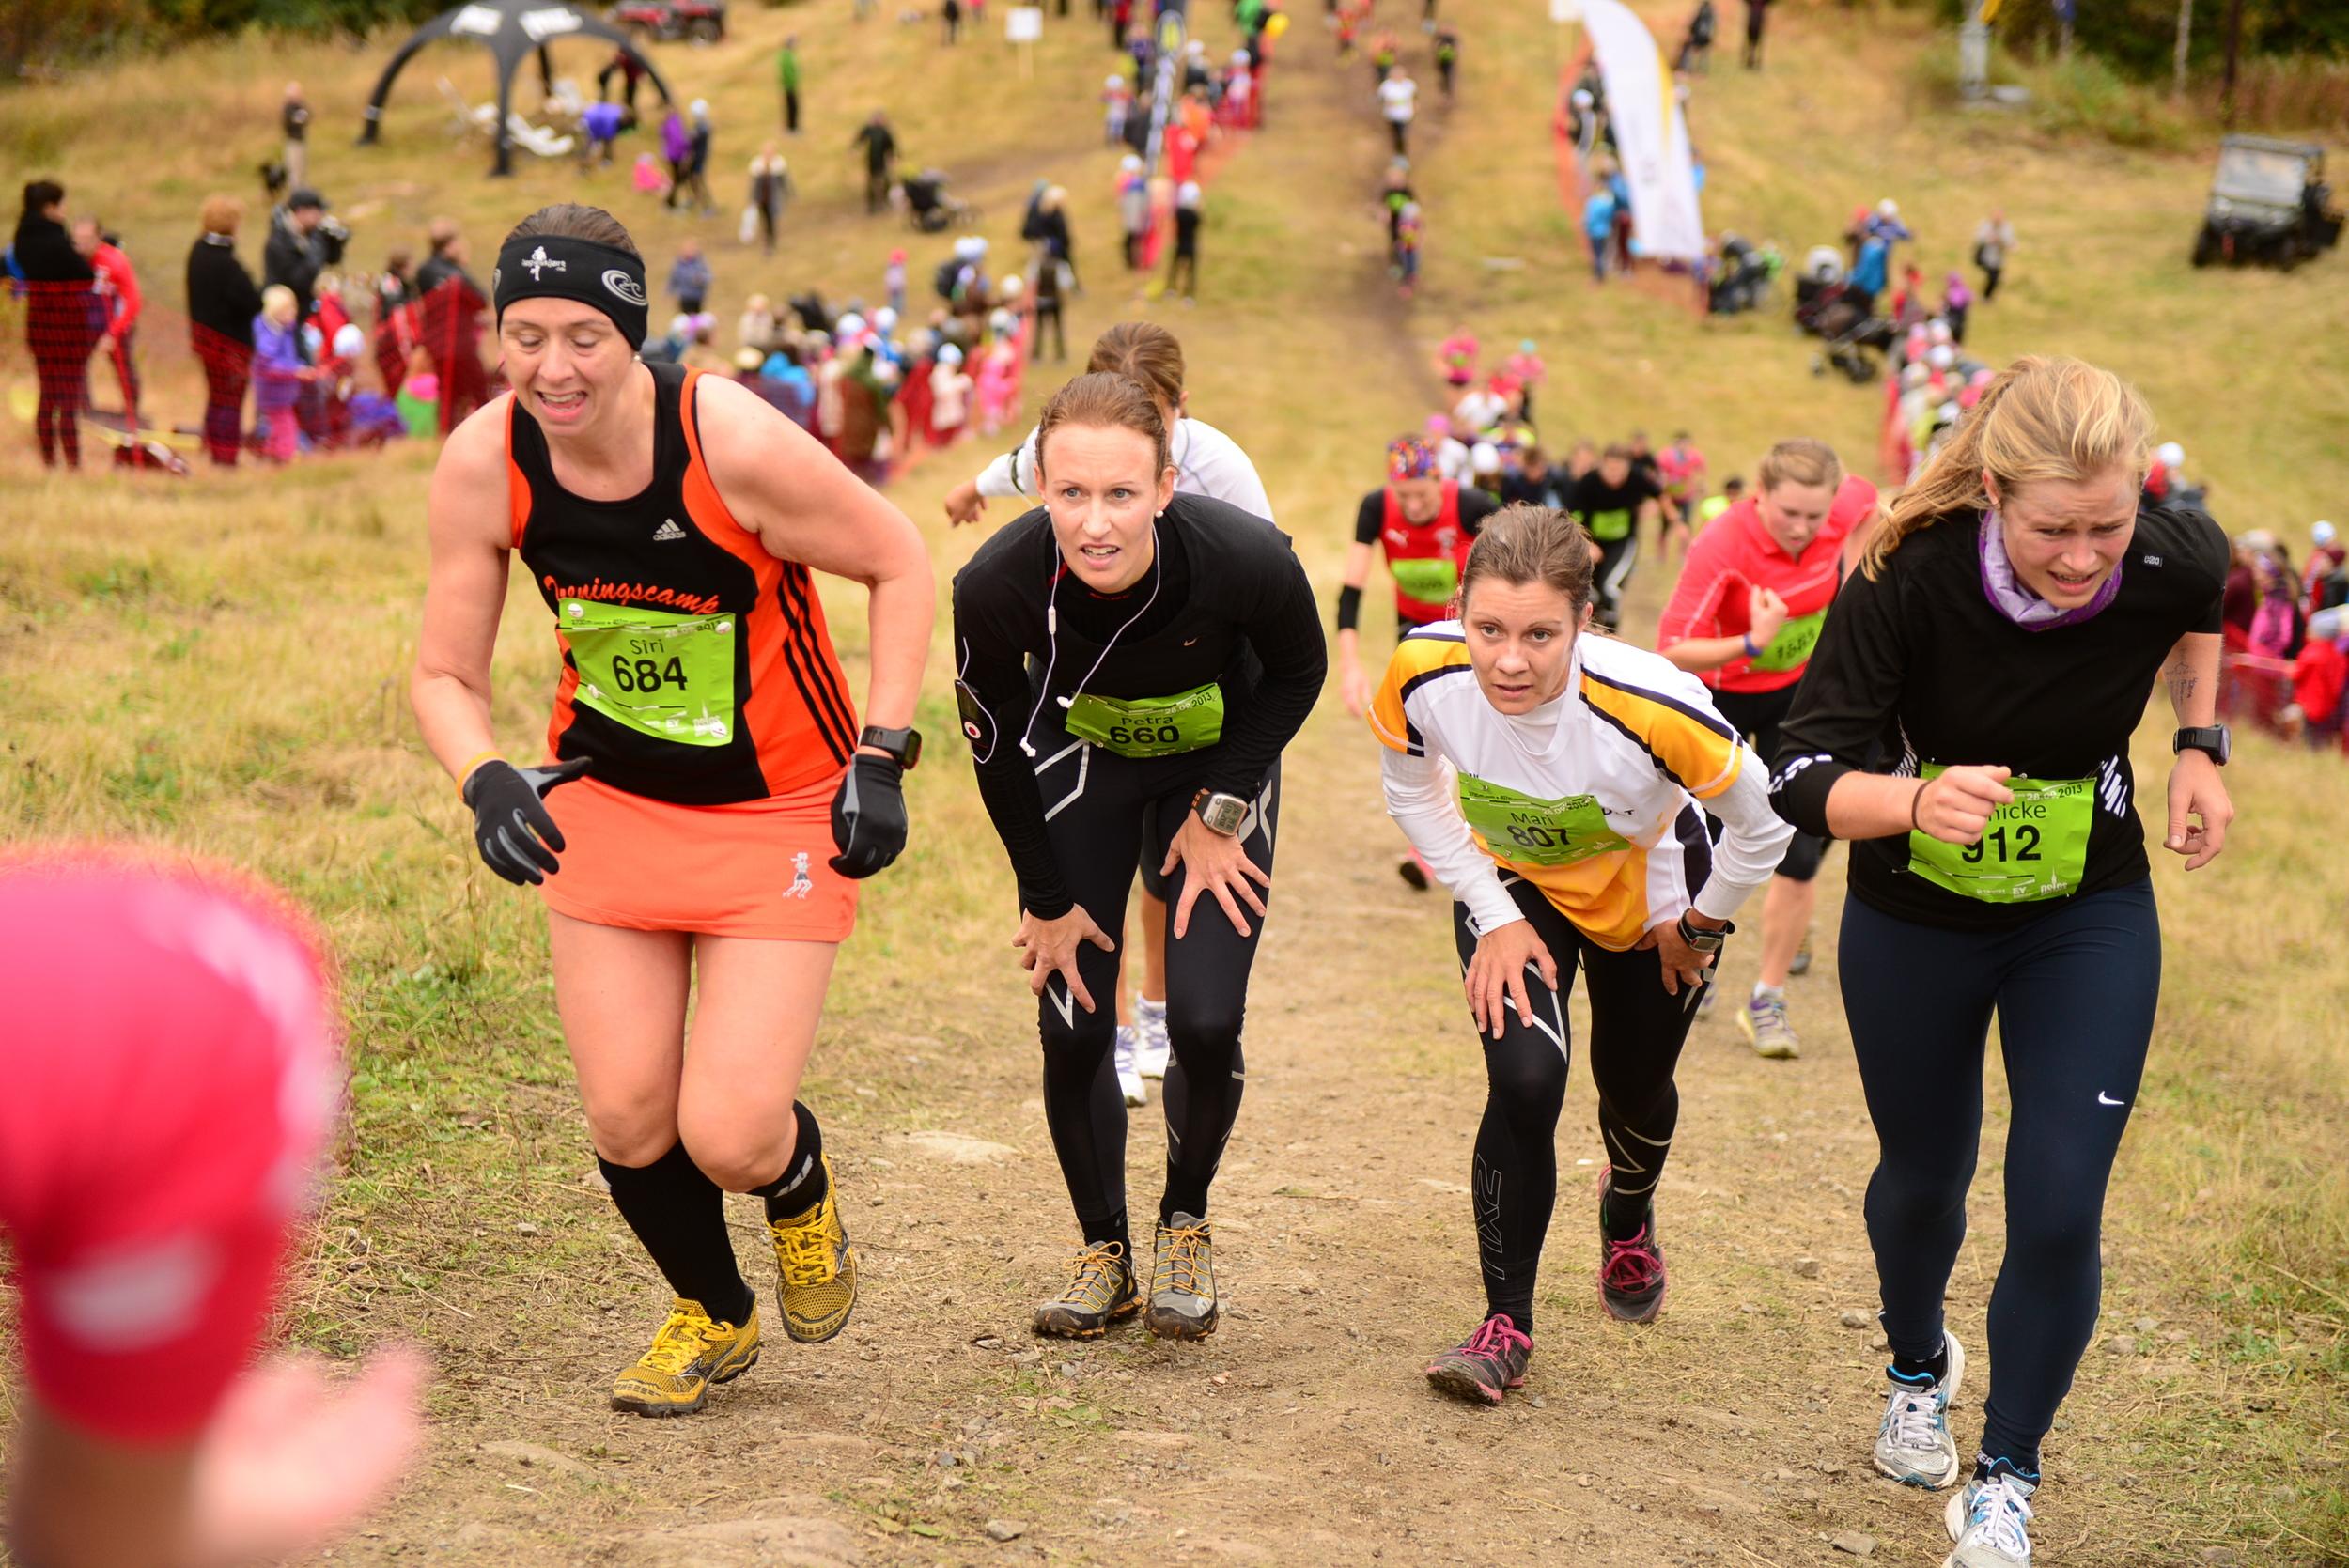 Foto: Oslos Bratteste / SportPicture. Snart mål - jeg er hun som løper hele den siste drittbakken. Jeg bare nevner det.